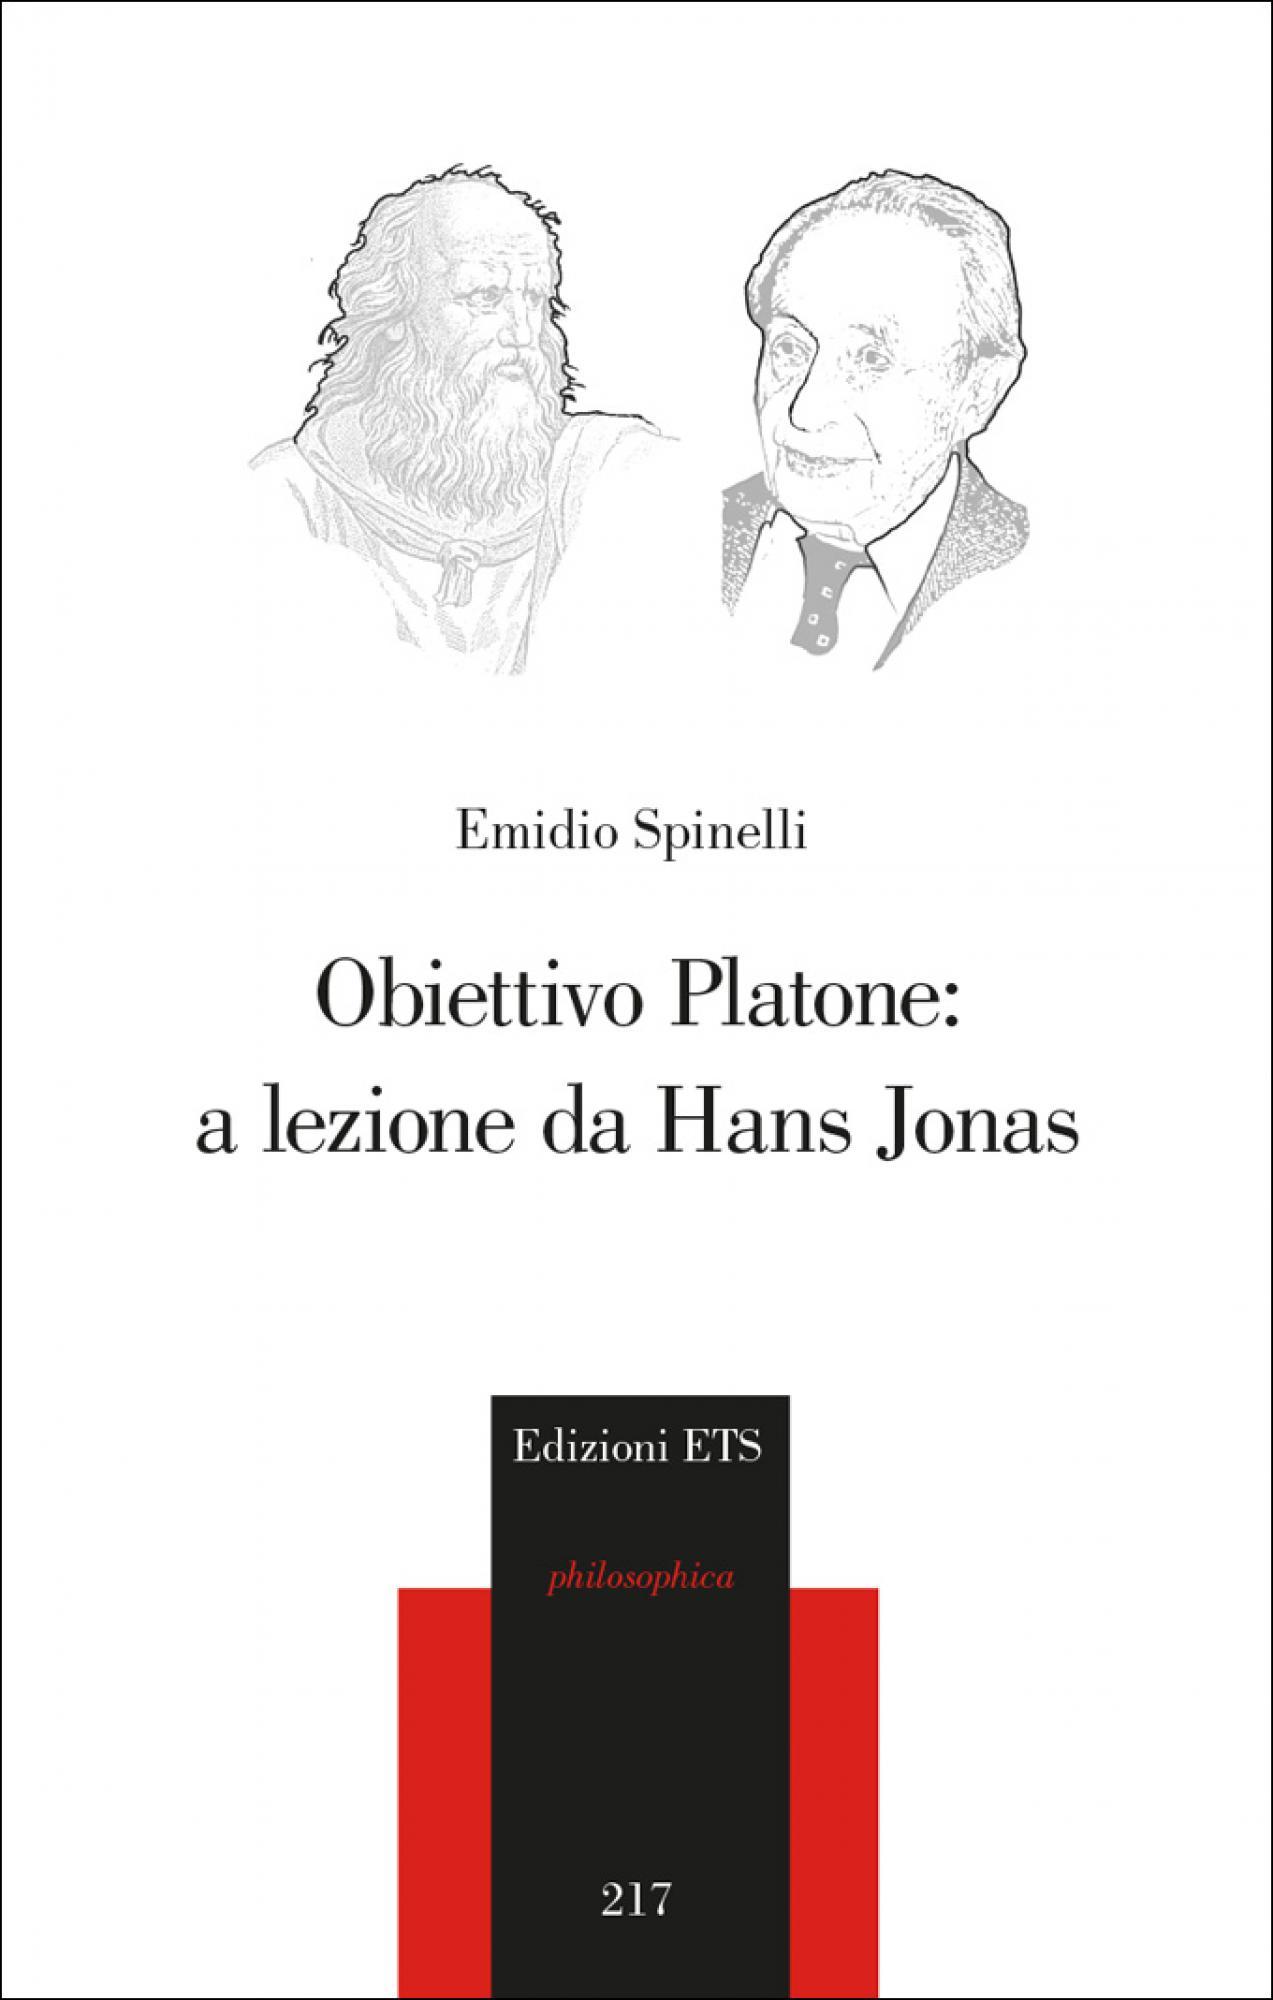 Obiettivo Platone: a lezione da Hans Jonas